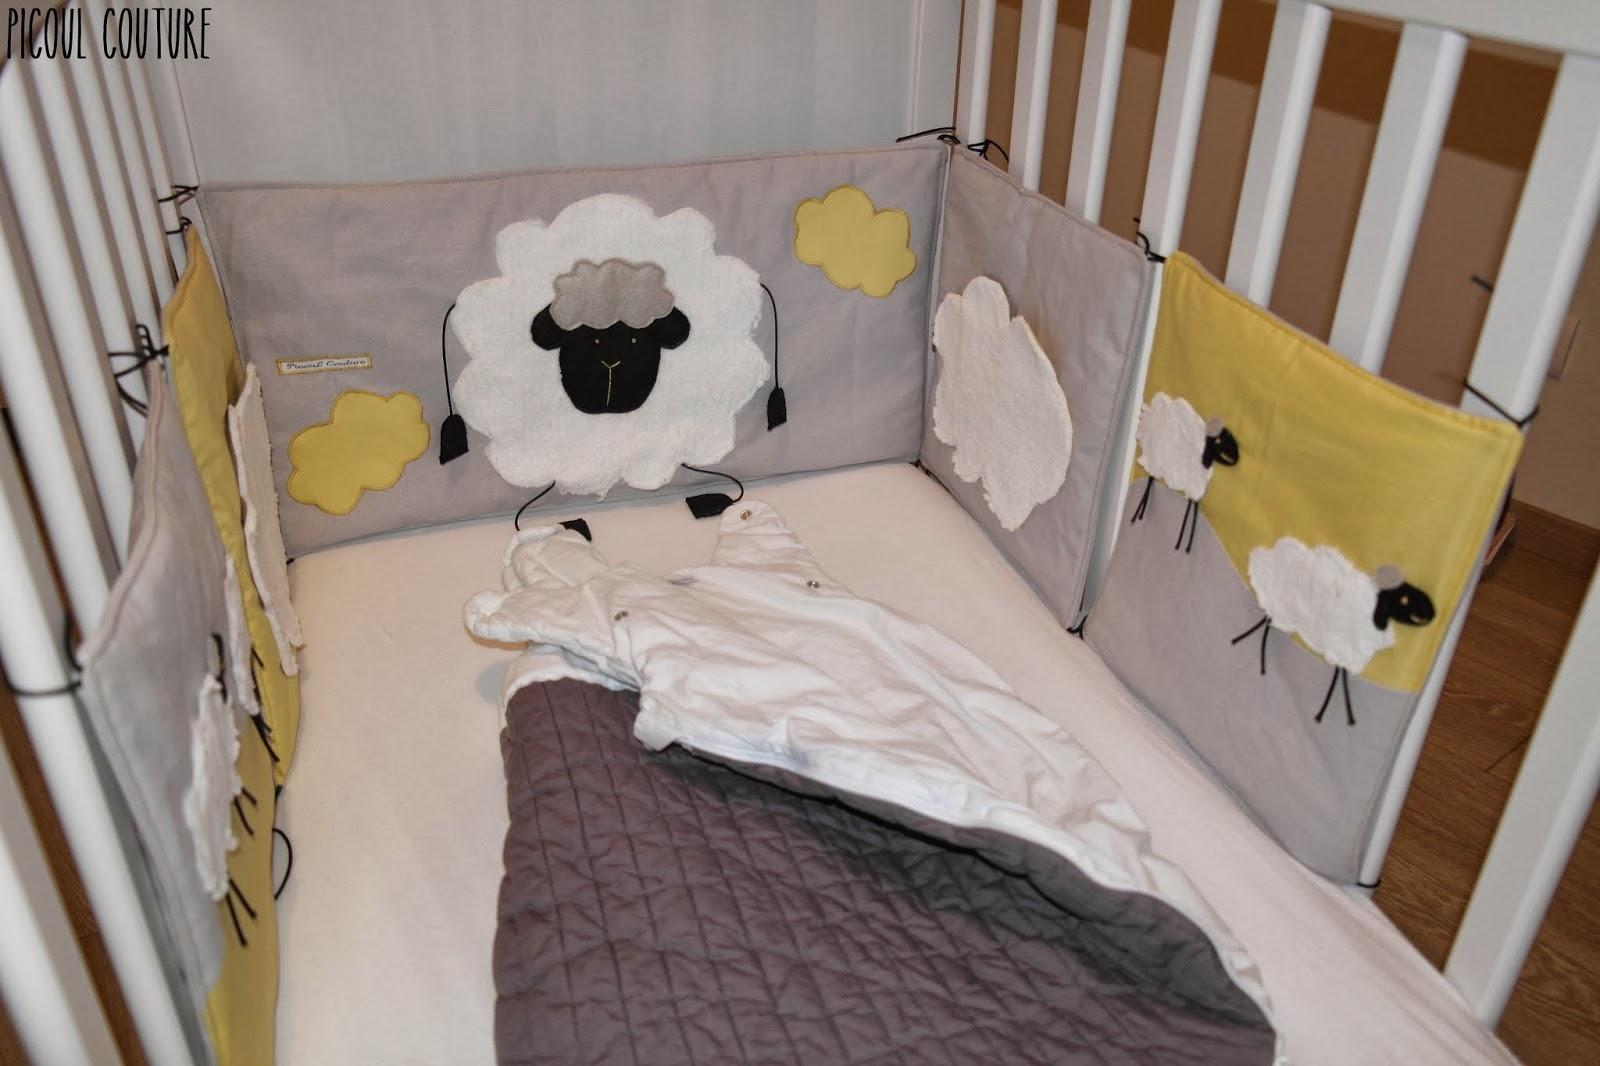 picoul couture le tour de lit sur le th me moutons et. Black Bedroom Furniture Sets. Home Design Ideas